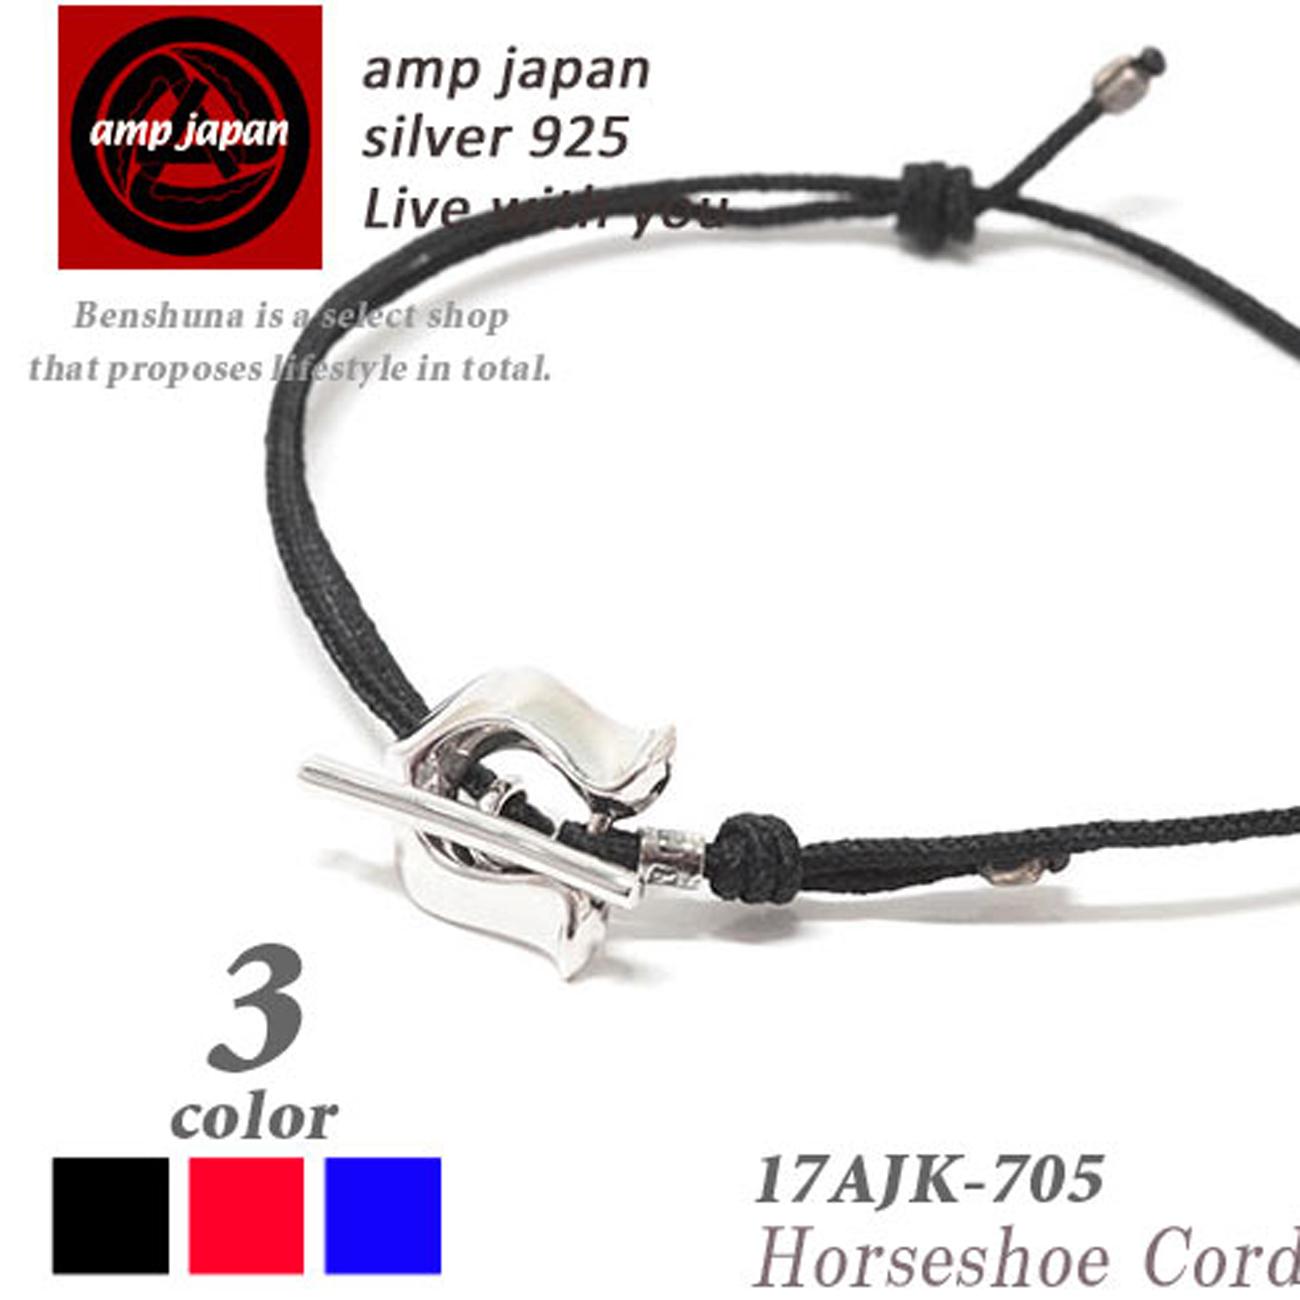 AMP JAPAN/アンプジャパン  蹄鉄チャームブレスレット アンクレット Horseshoe Cord 17AJK-705